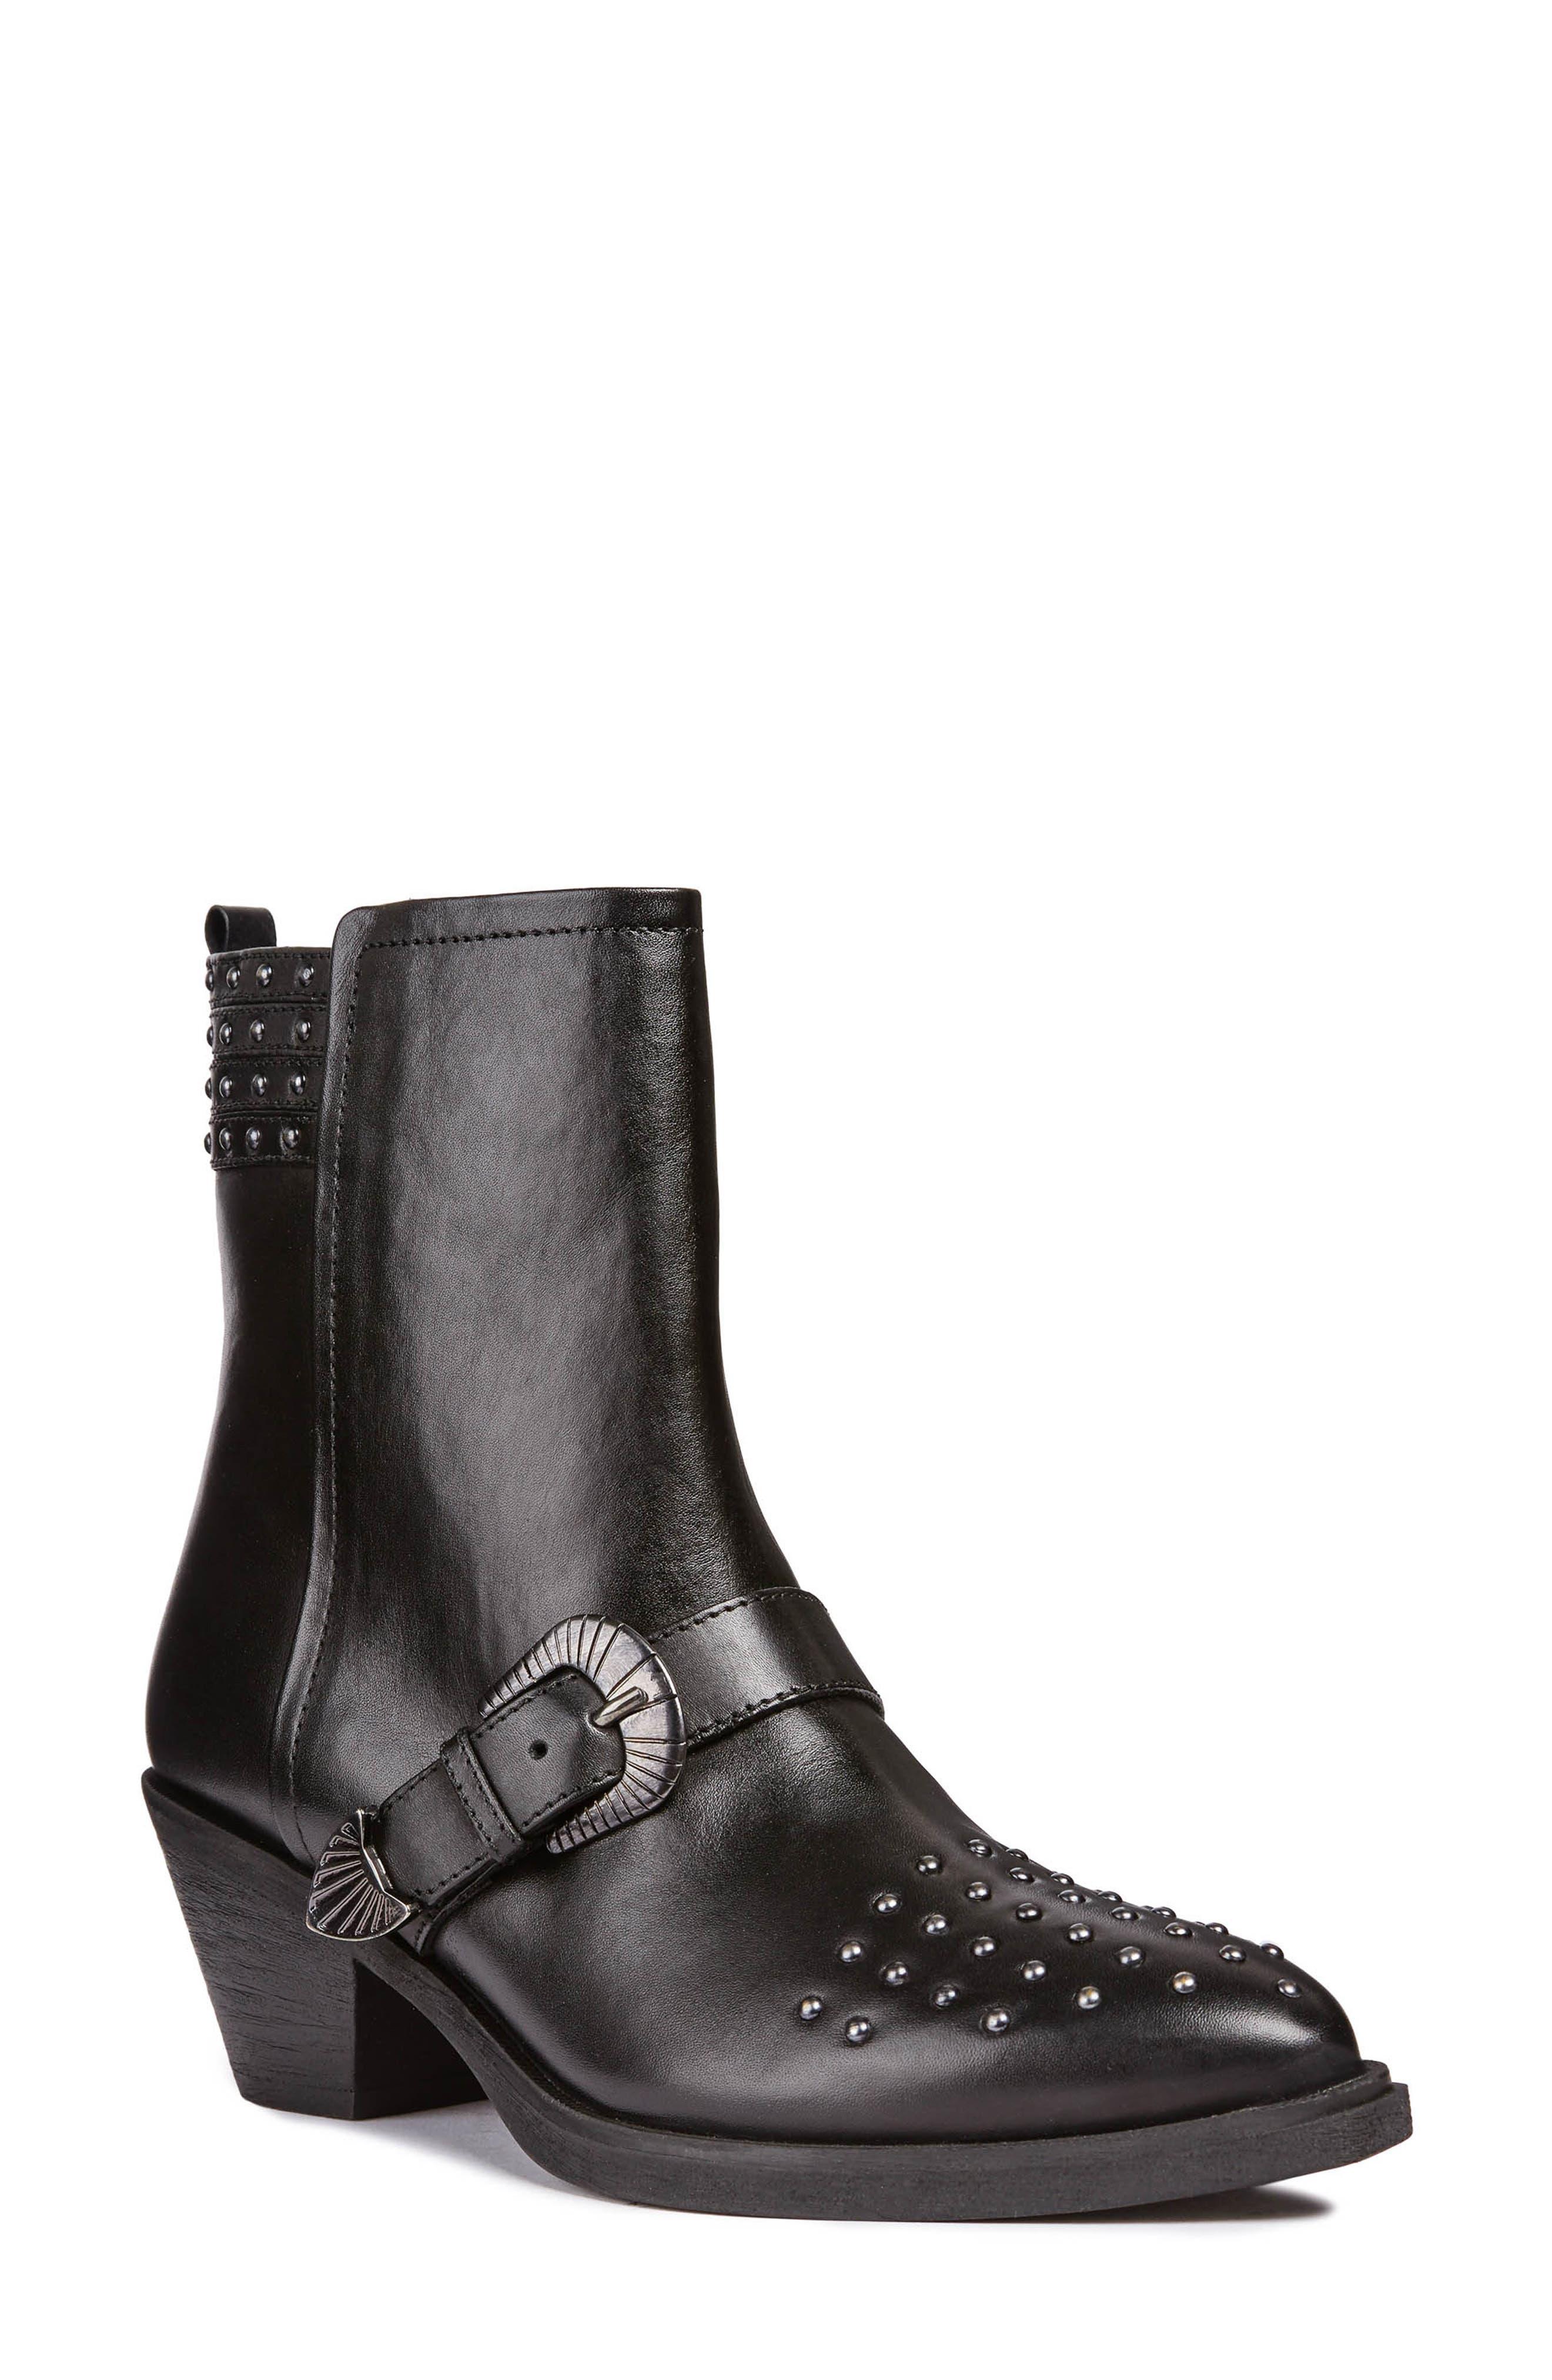 7644021c91 Geox Sale, Women's Shoes